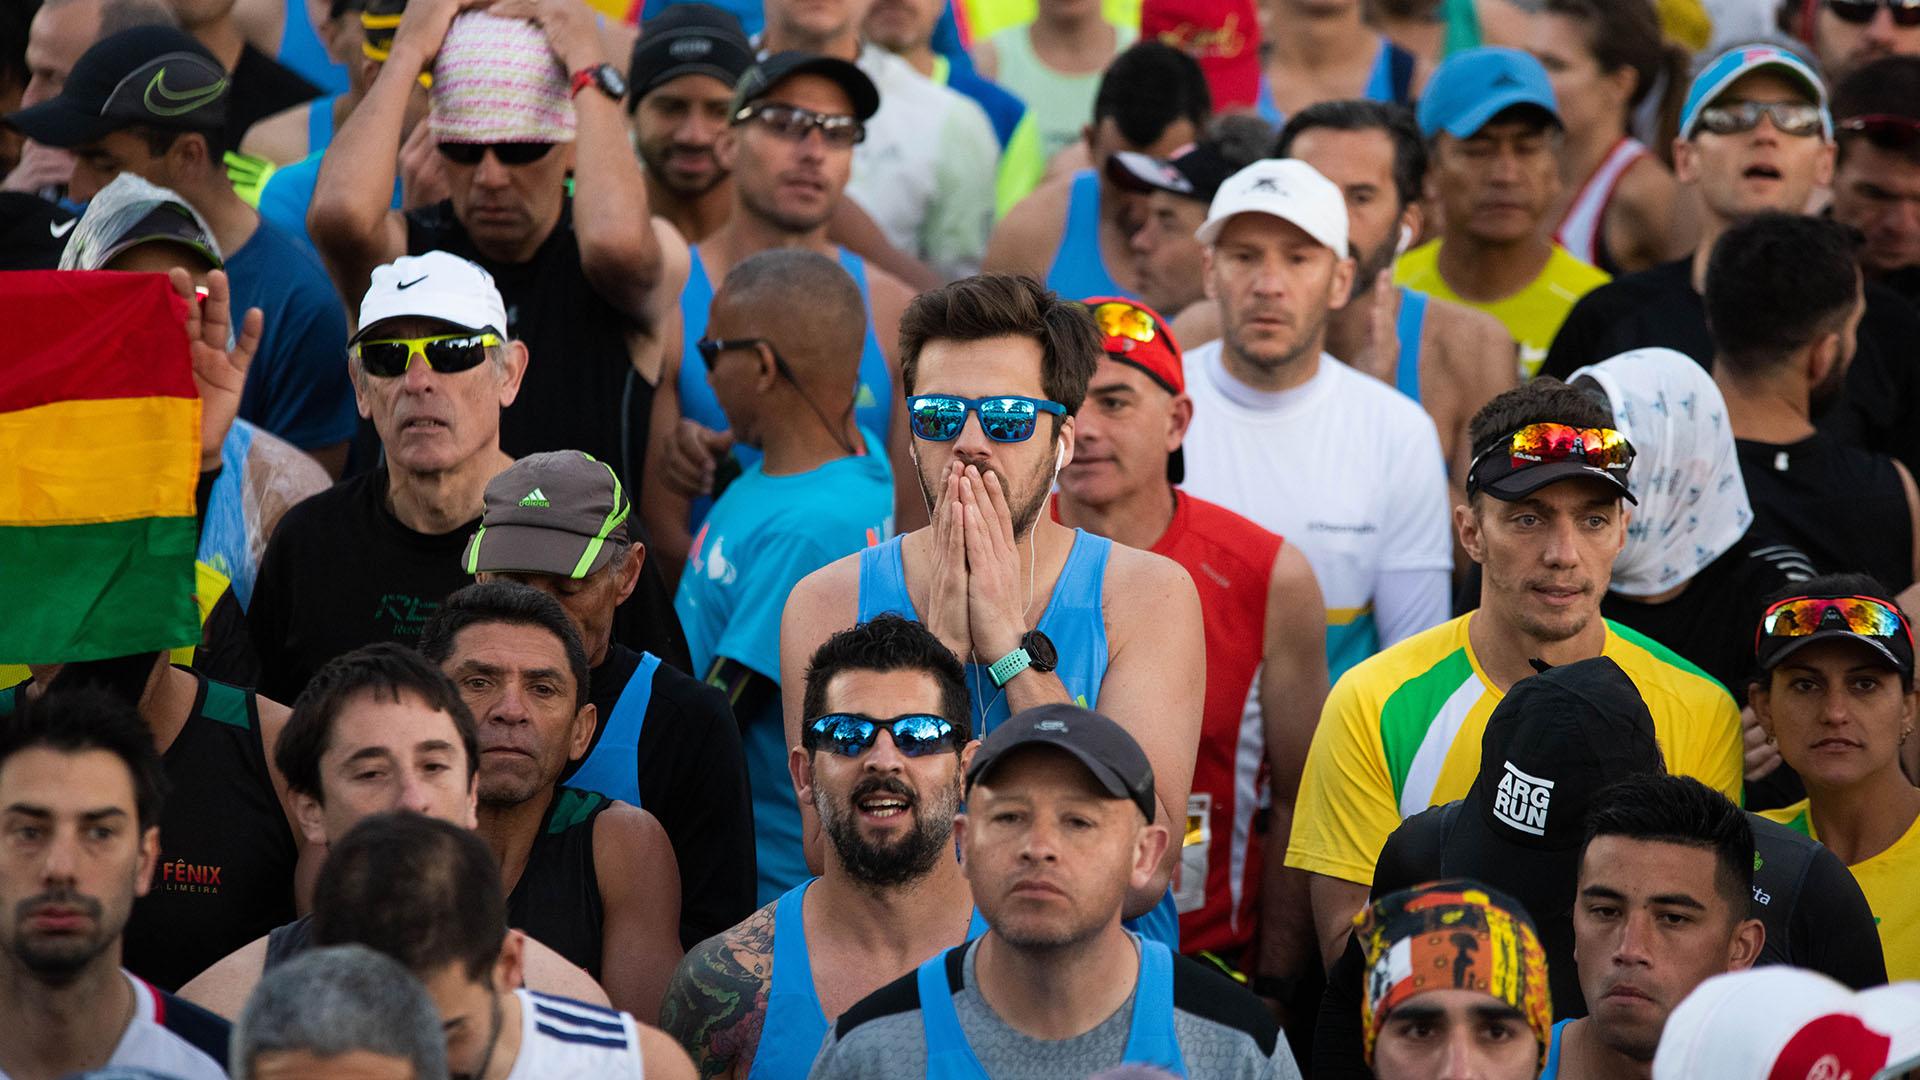 Concentración y últimos ajustes antes de comenzar la maratón